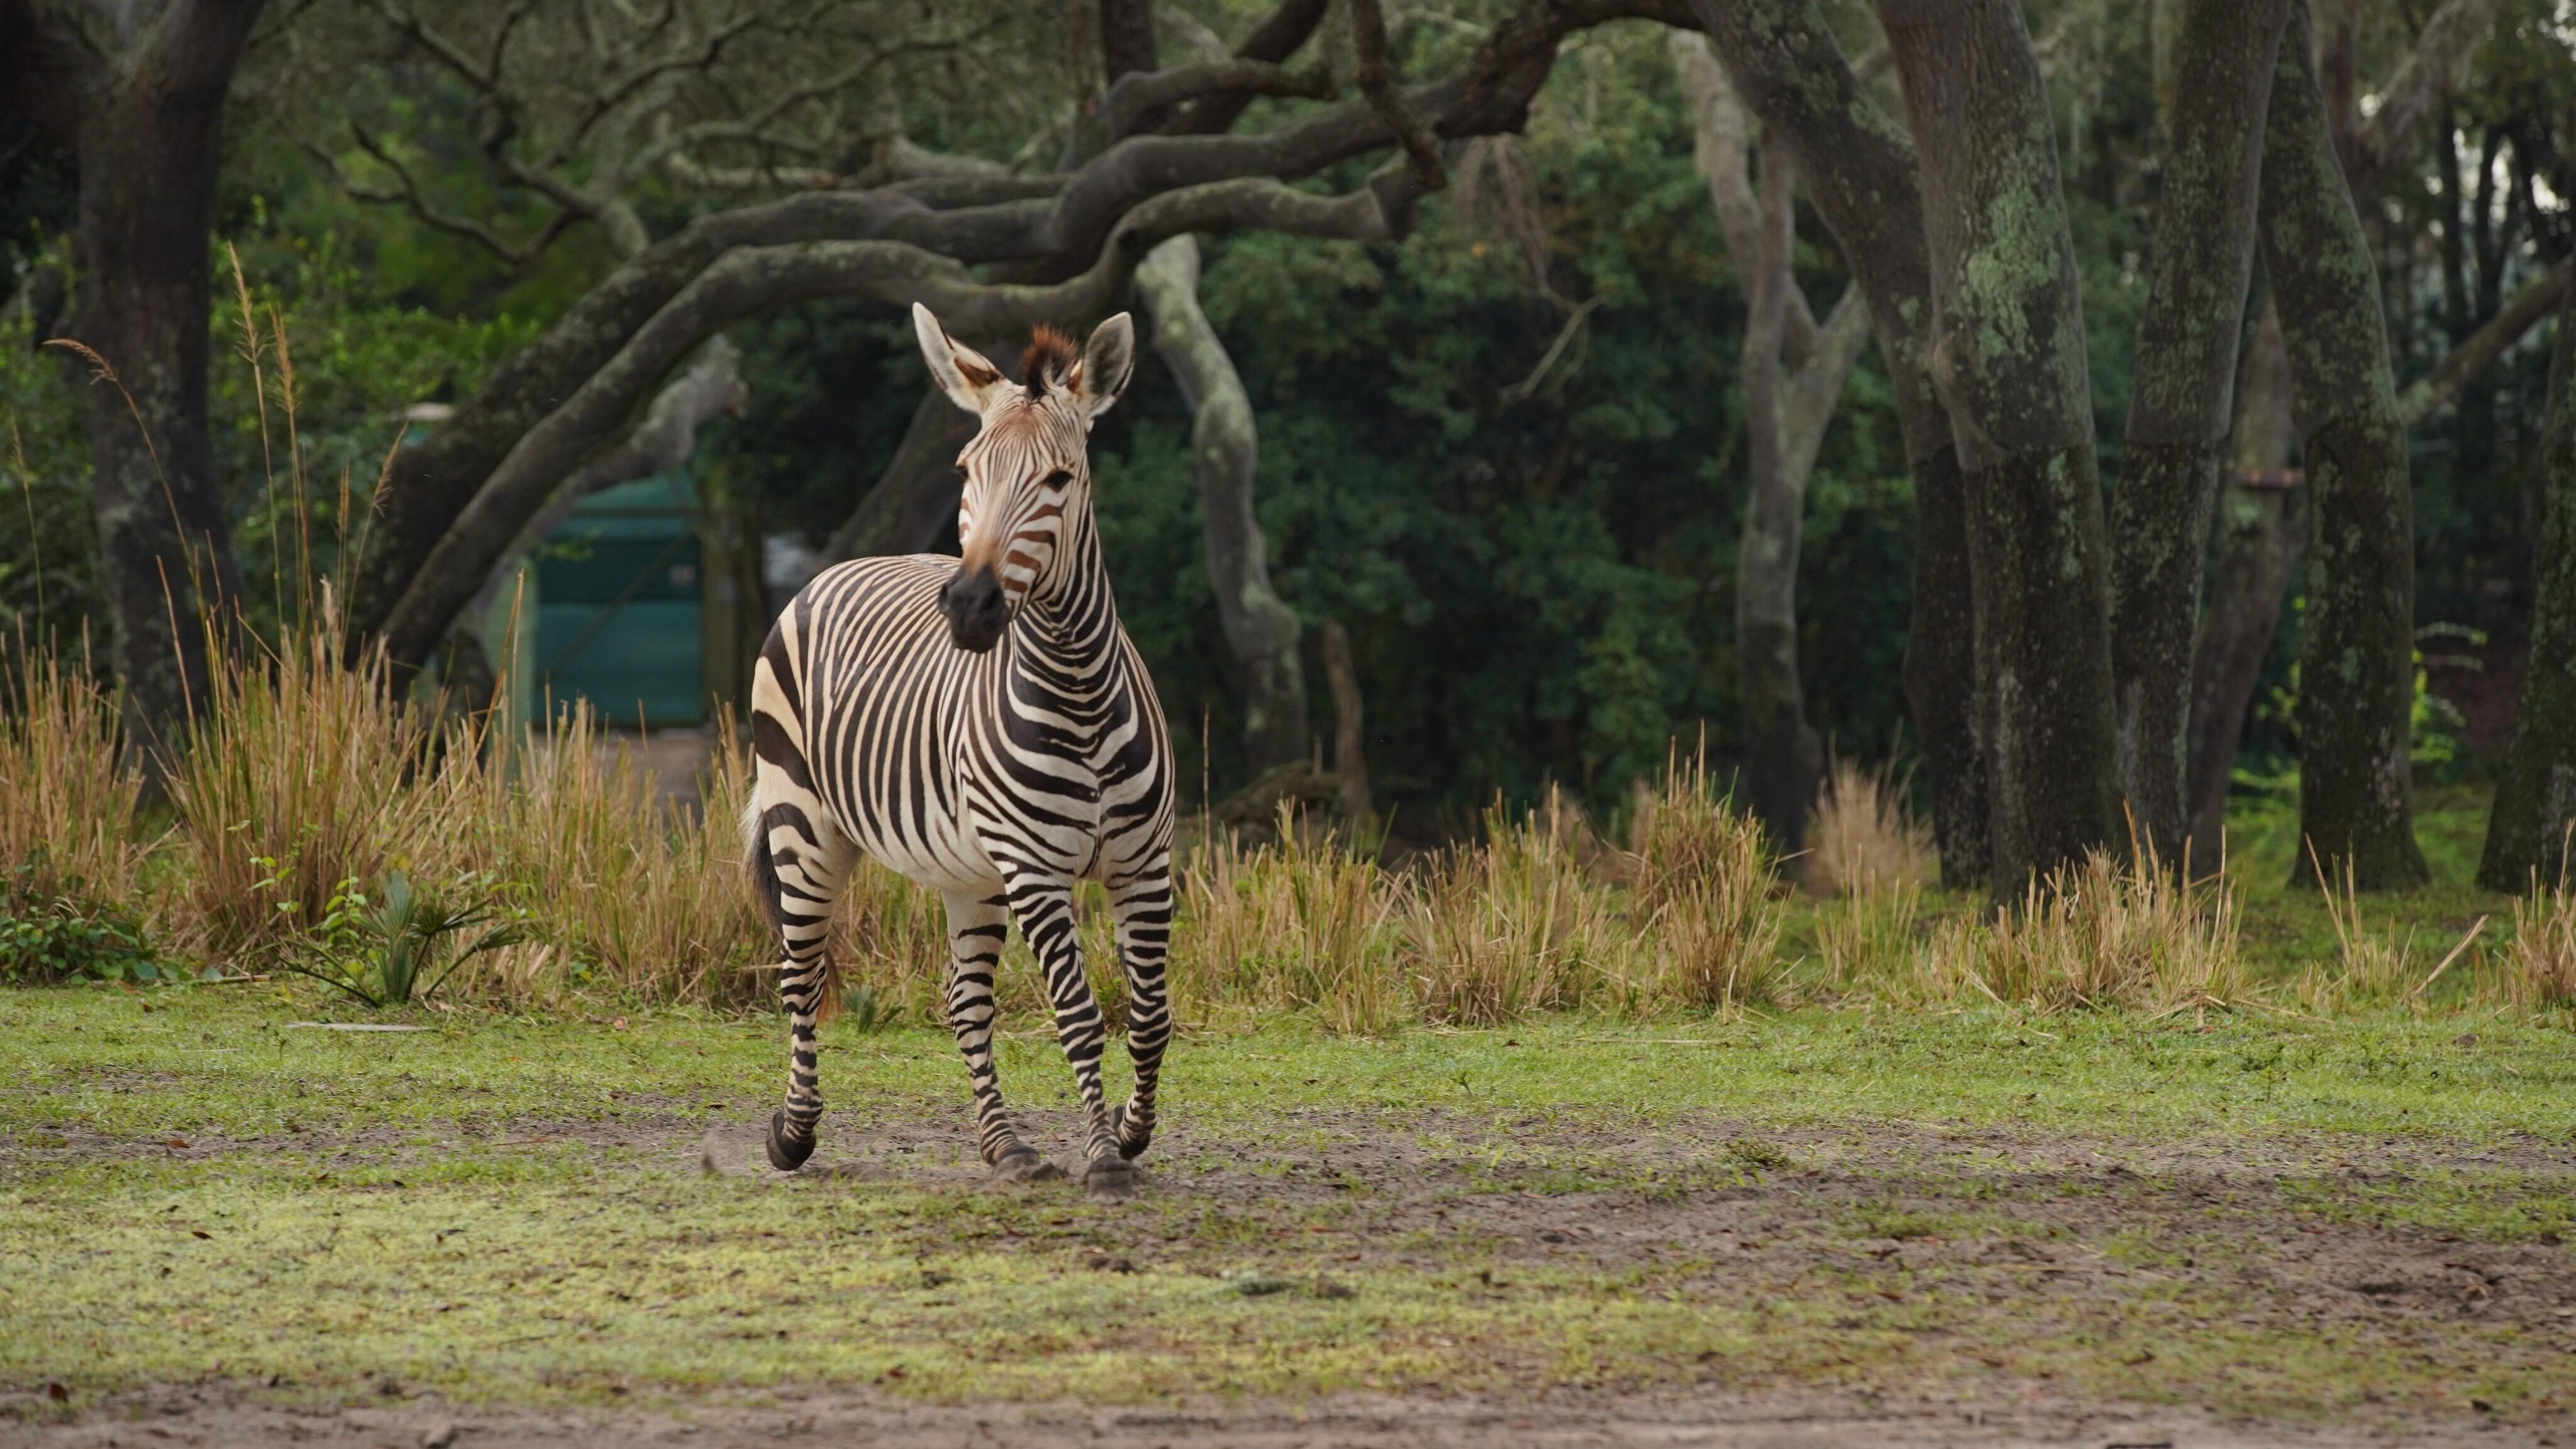 Prima the Hartmann's Mountain Zebra. (Disney)